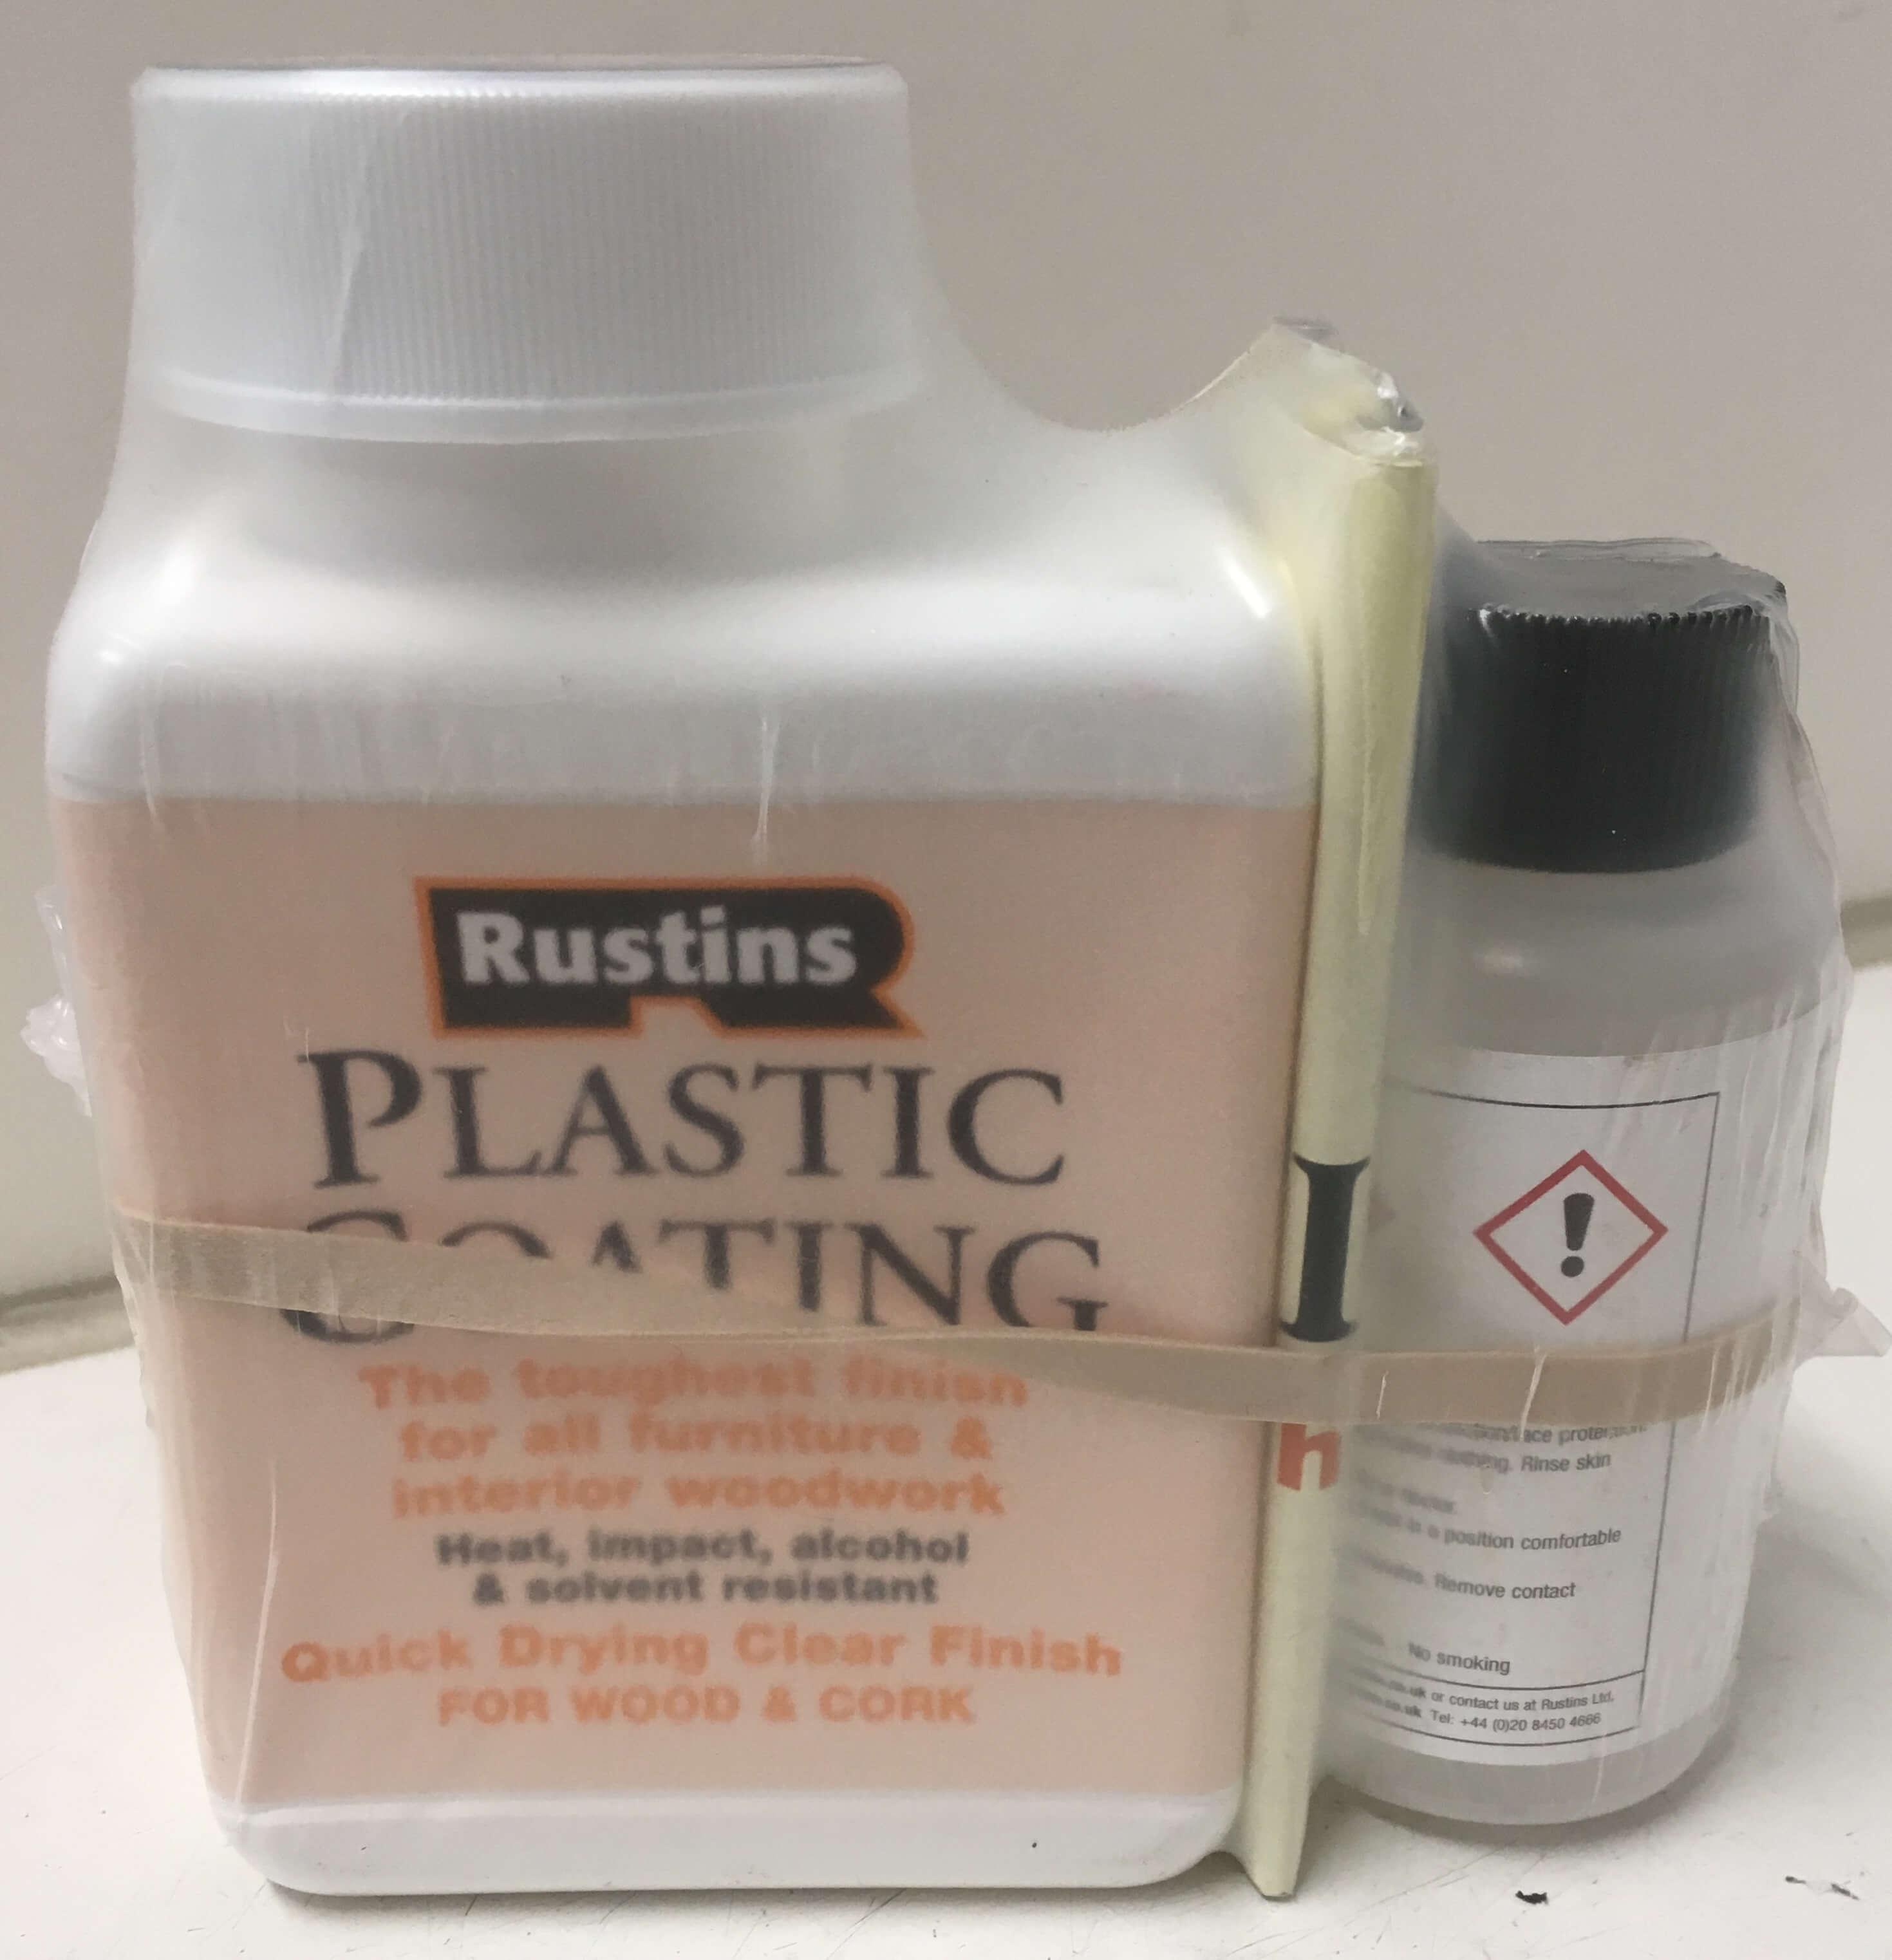 plastic ciating